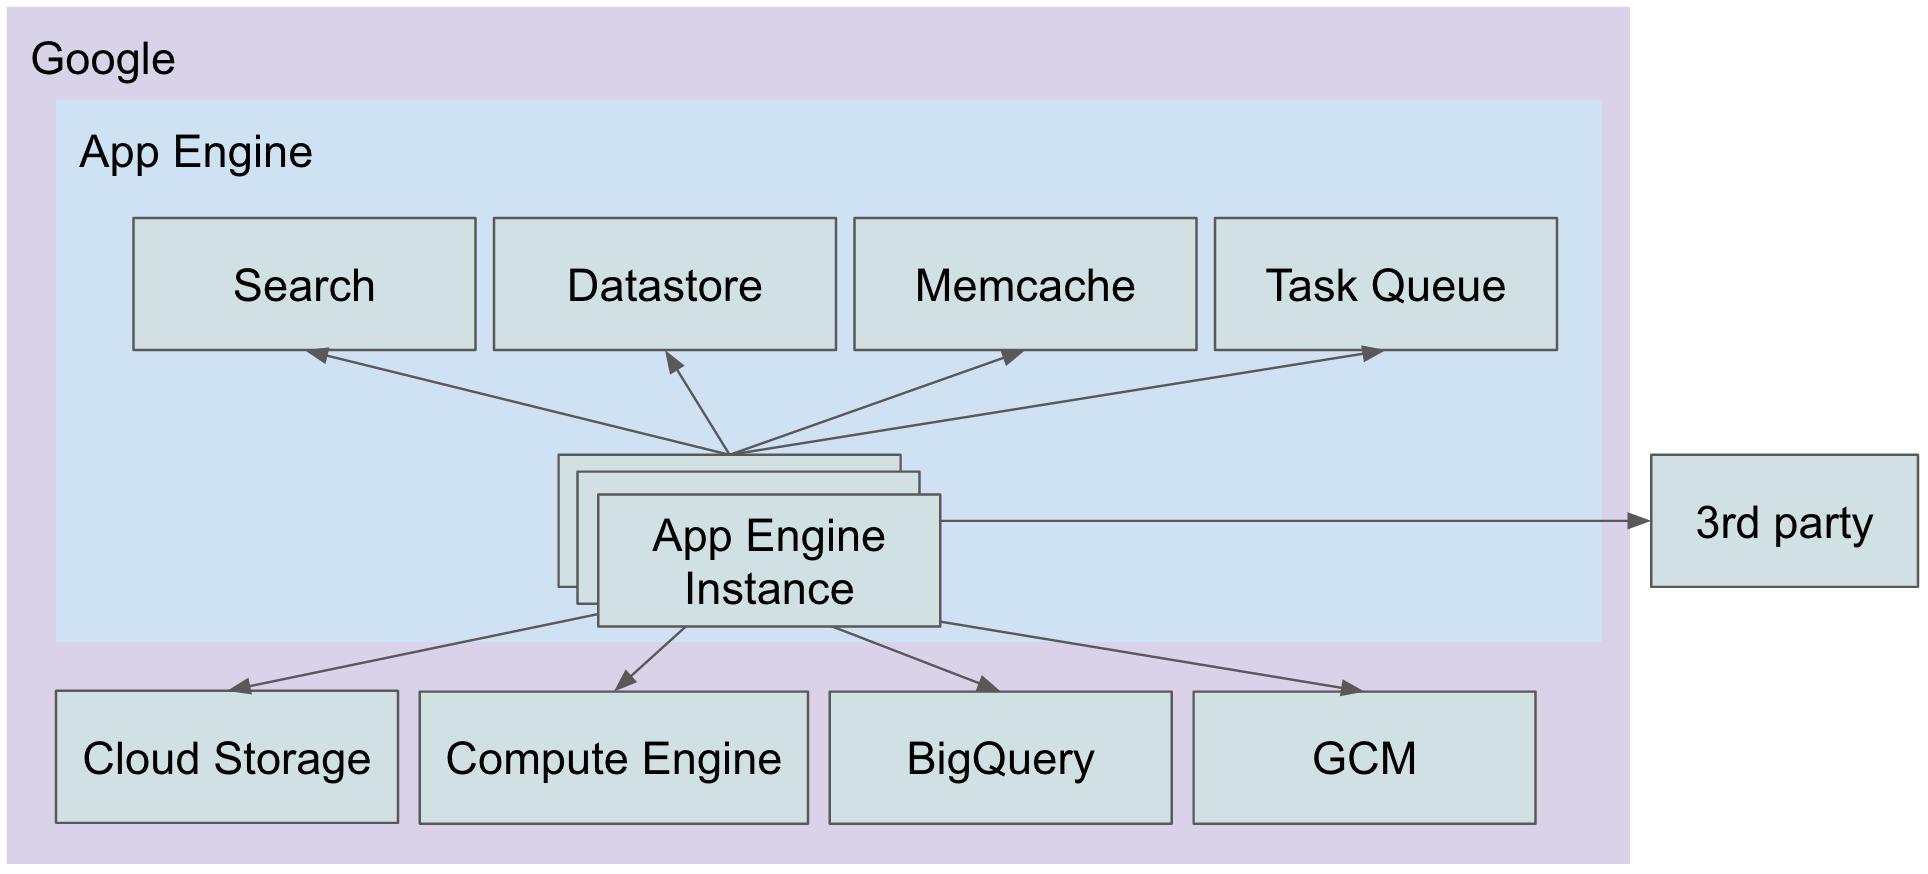 Goroutine on Google App Engine